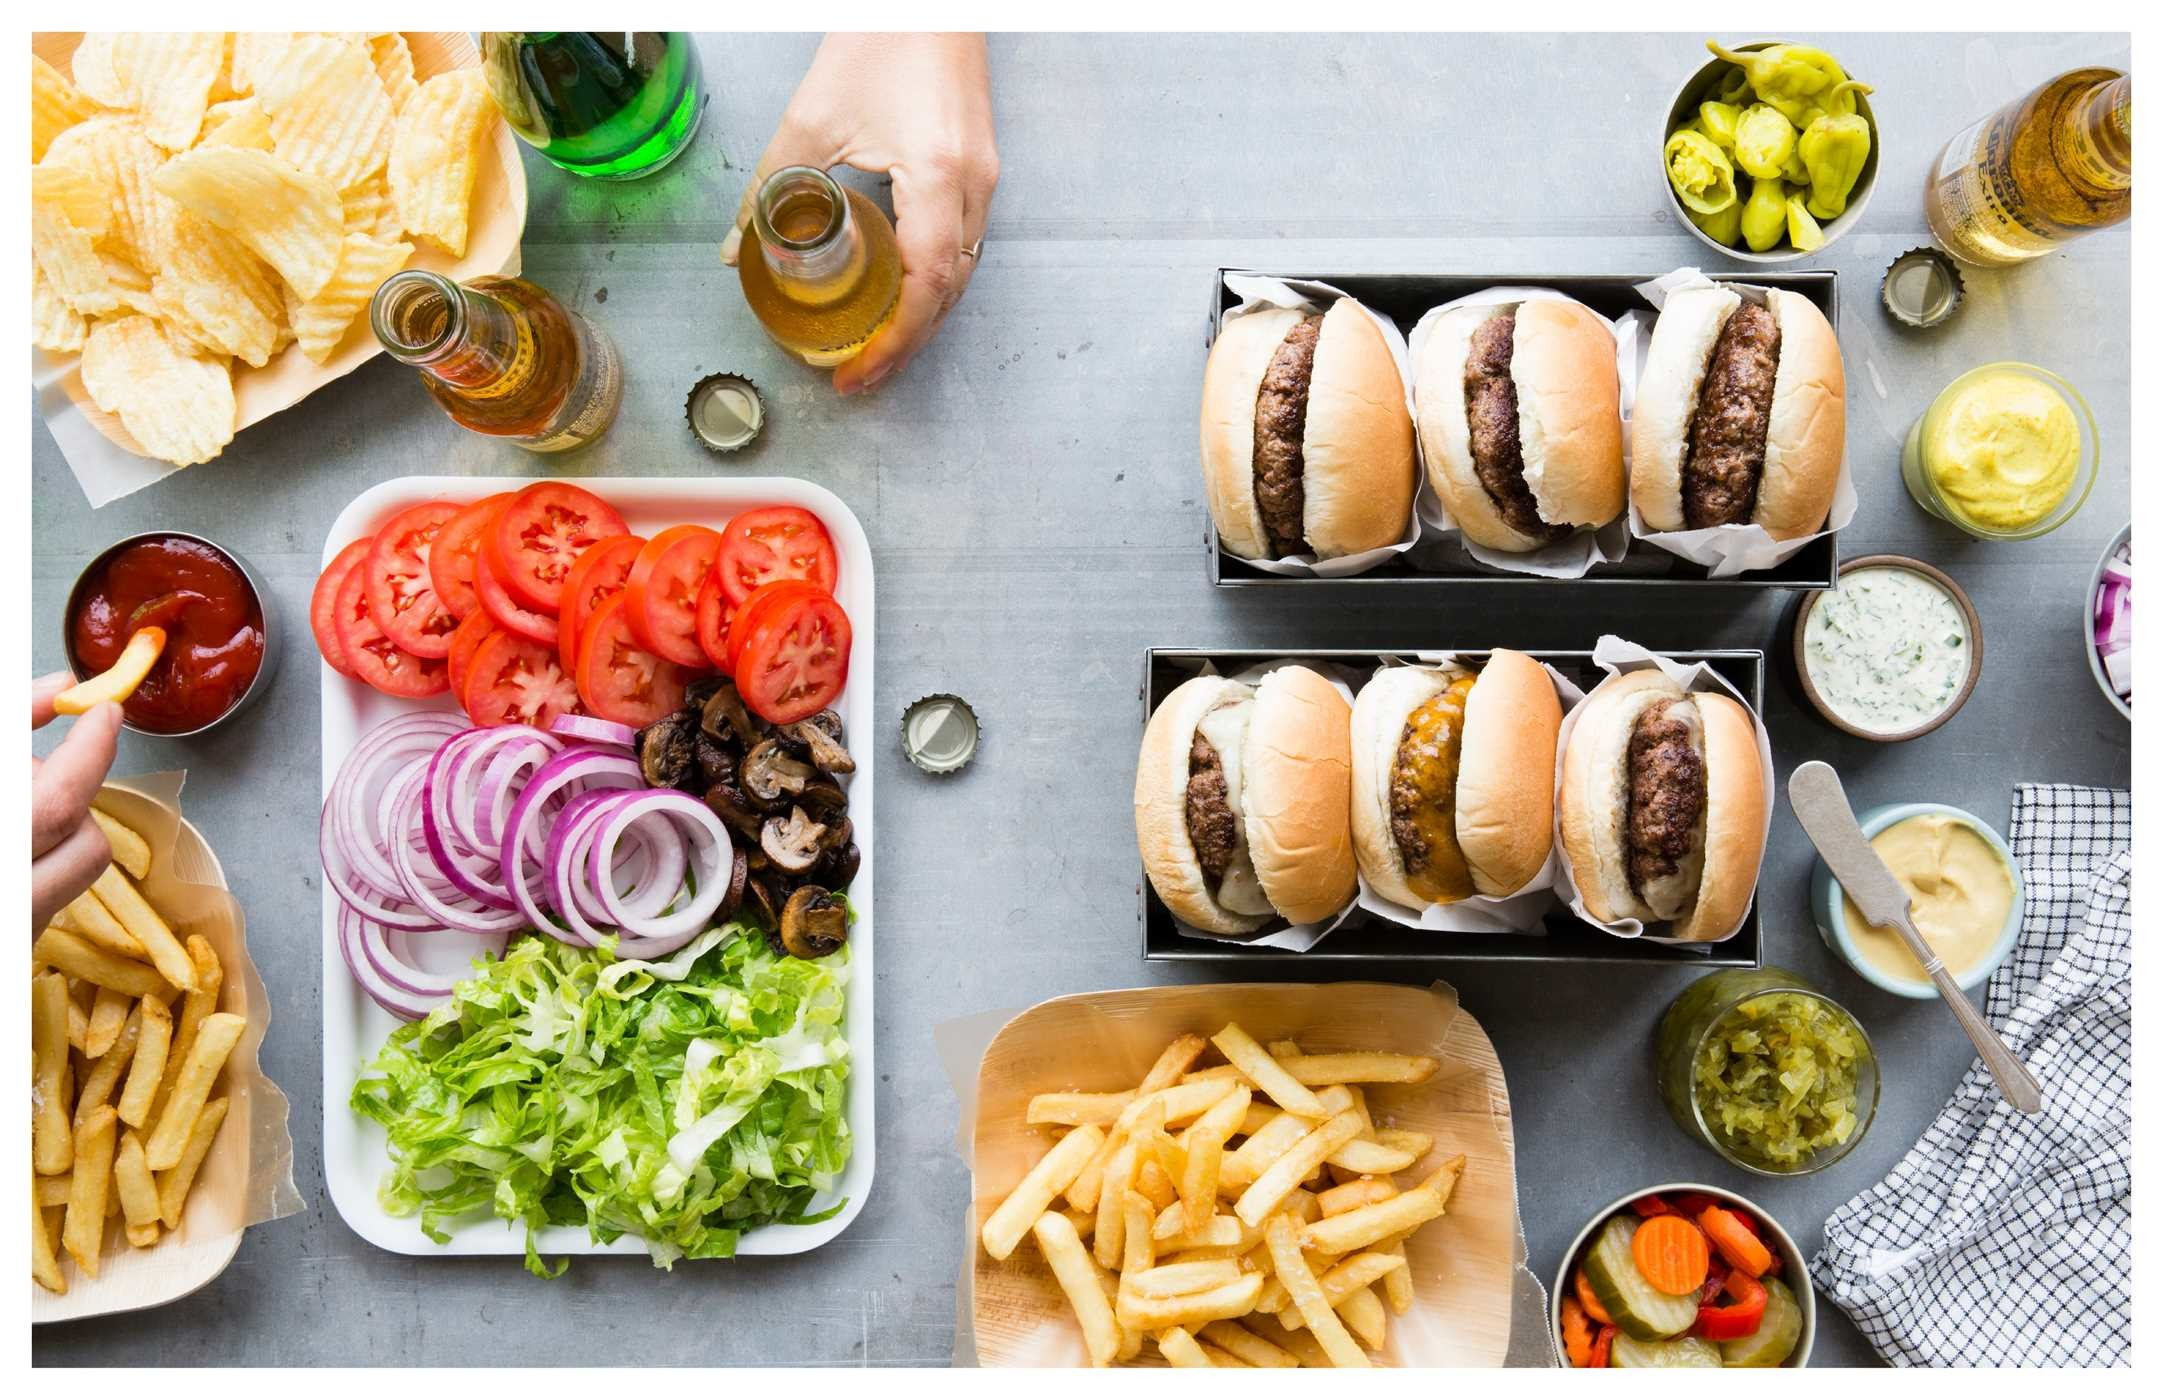 Burger night (williams sonoma) 9781616287344.in04